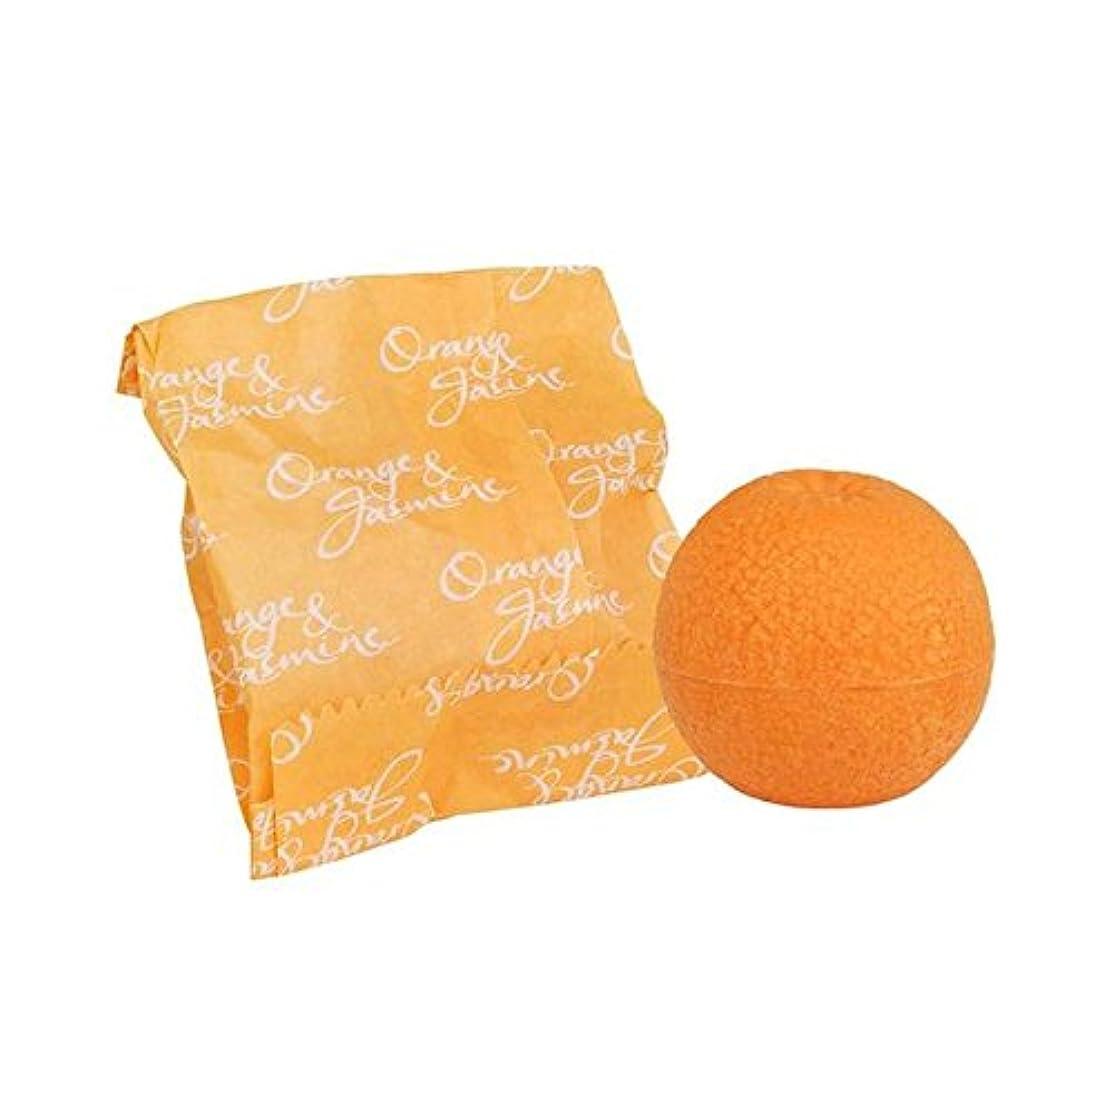 ピザブリーフケース再生可能オレンジ&ジャスミン石鹸100グラム x4 - Bronnley Orange & Jasmine Soap 100g (Pack of 4) [並行輸入品]